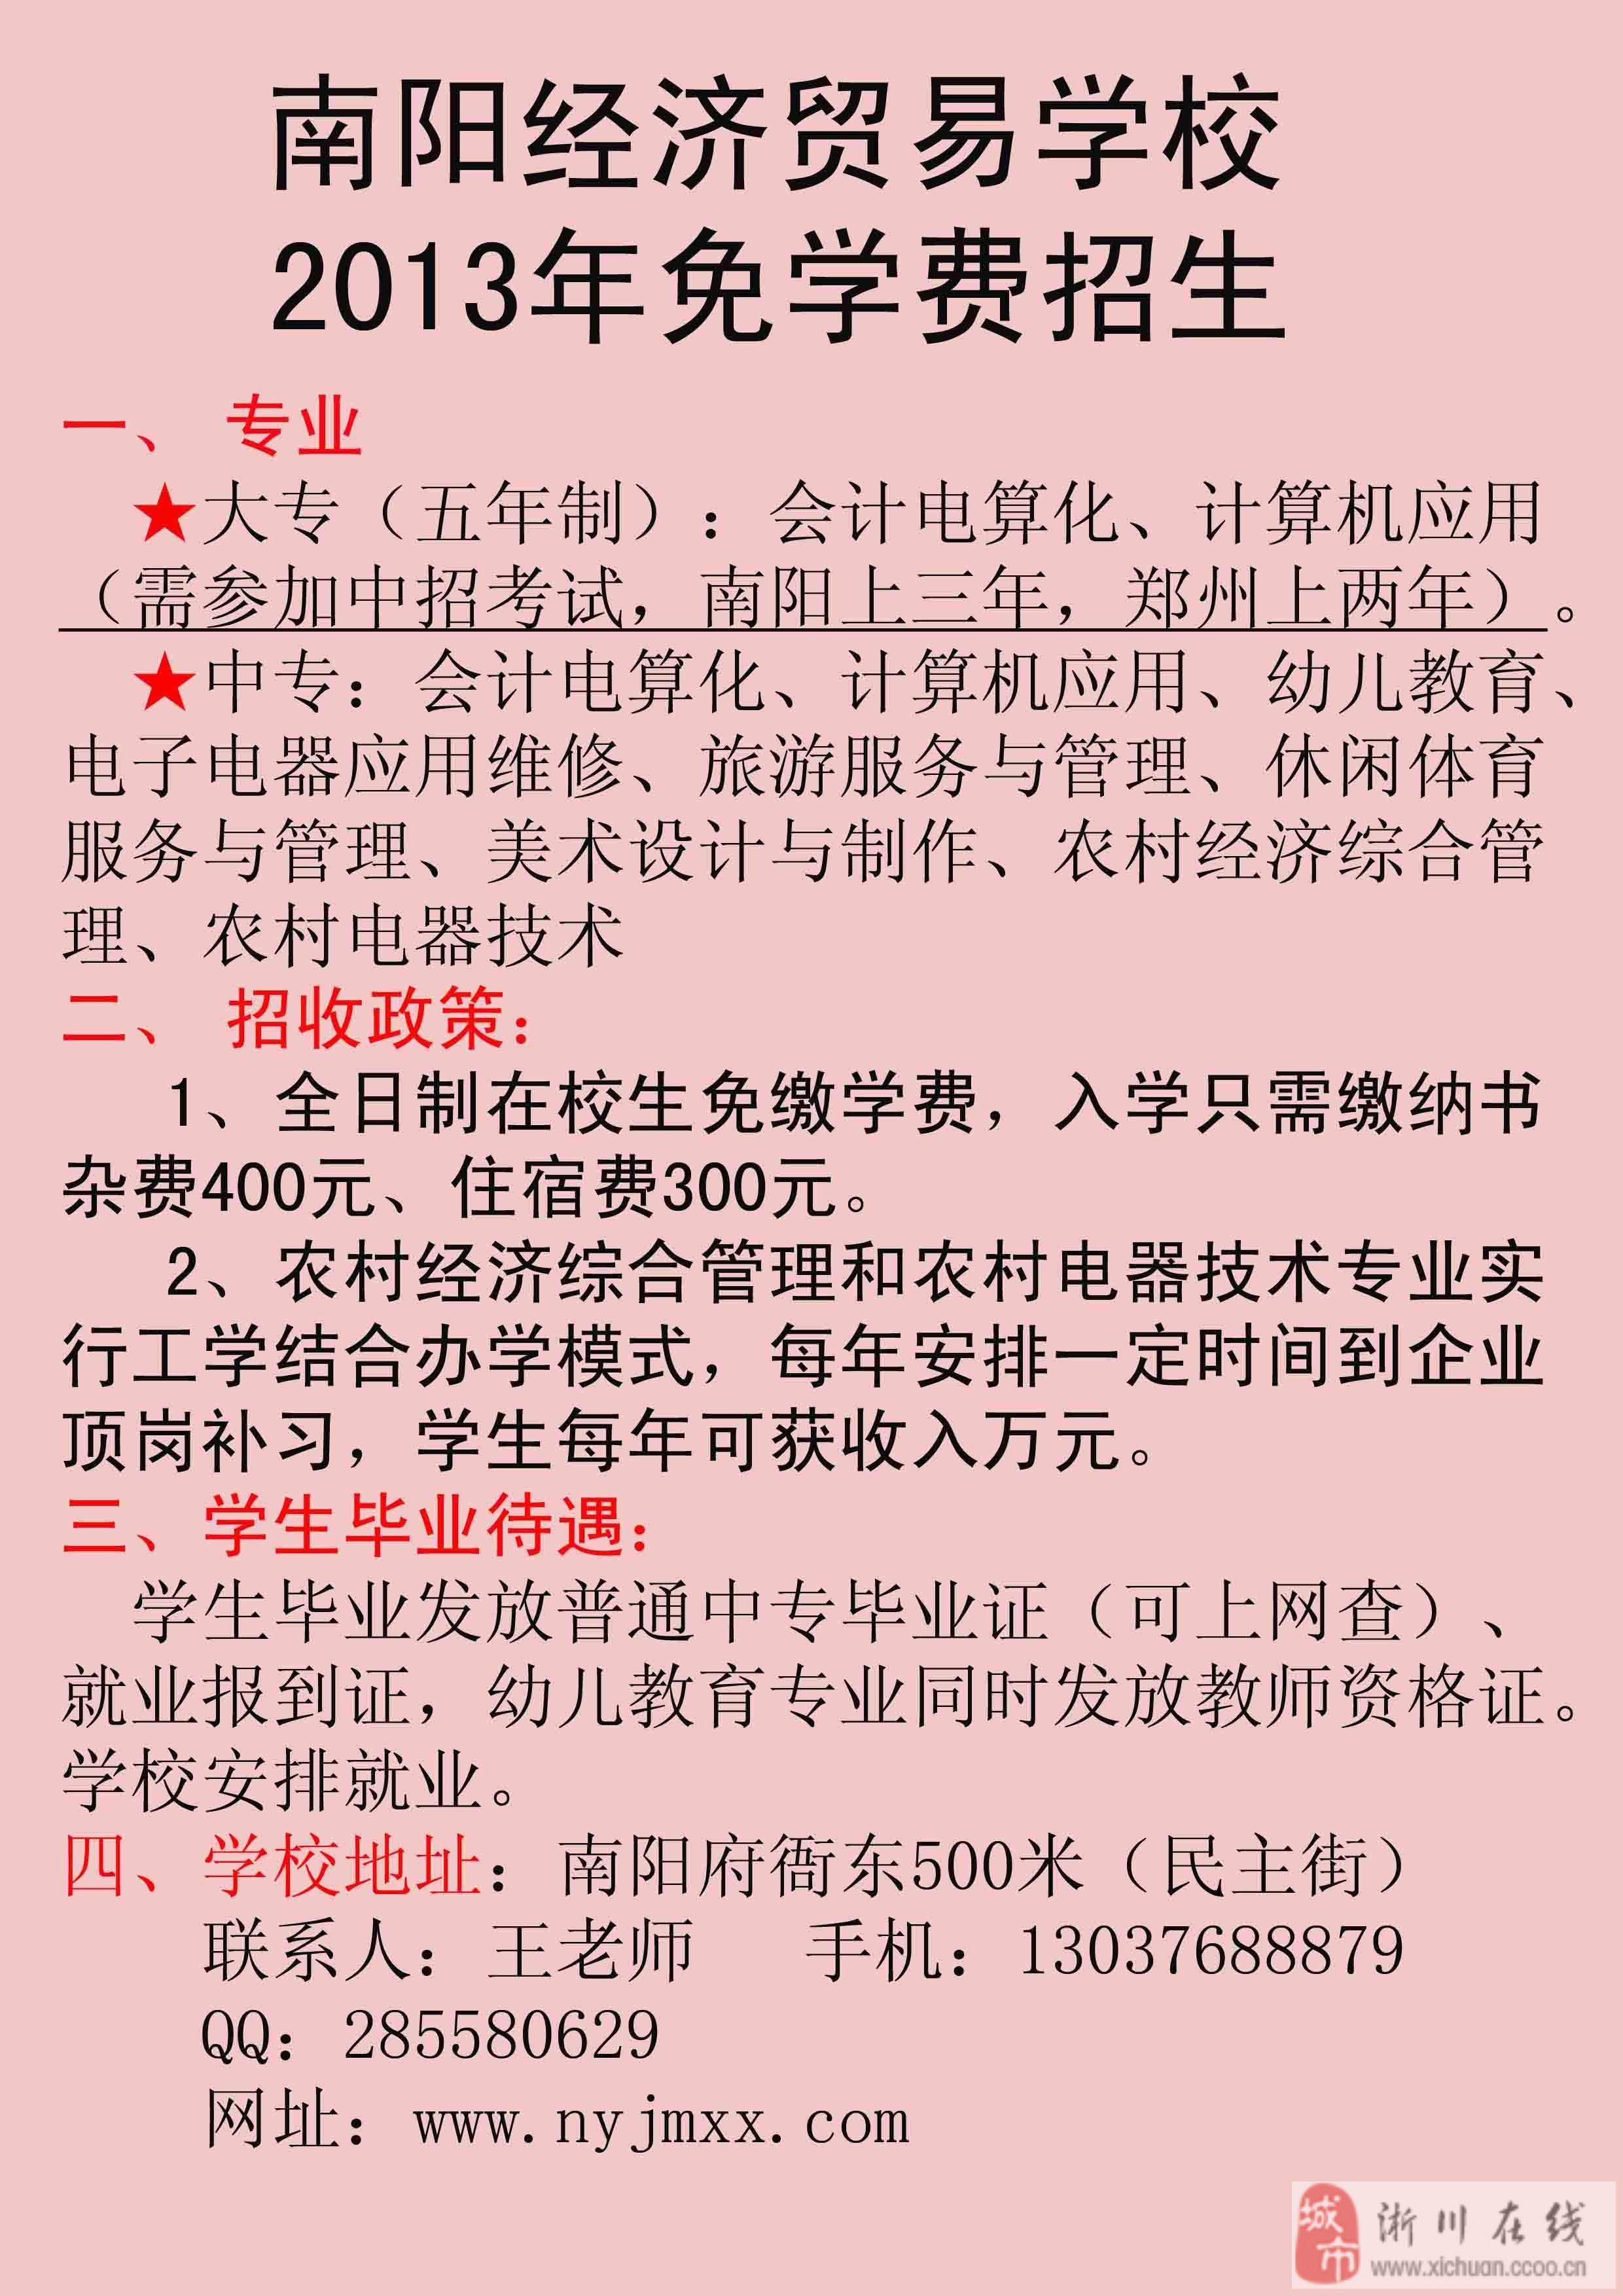 河南省经济贸易学校_经济贸易学校_聊城贸易学校现任校长